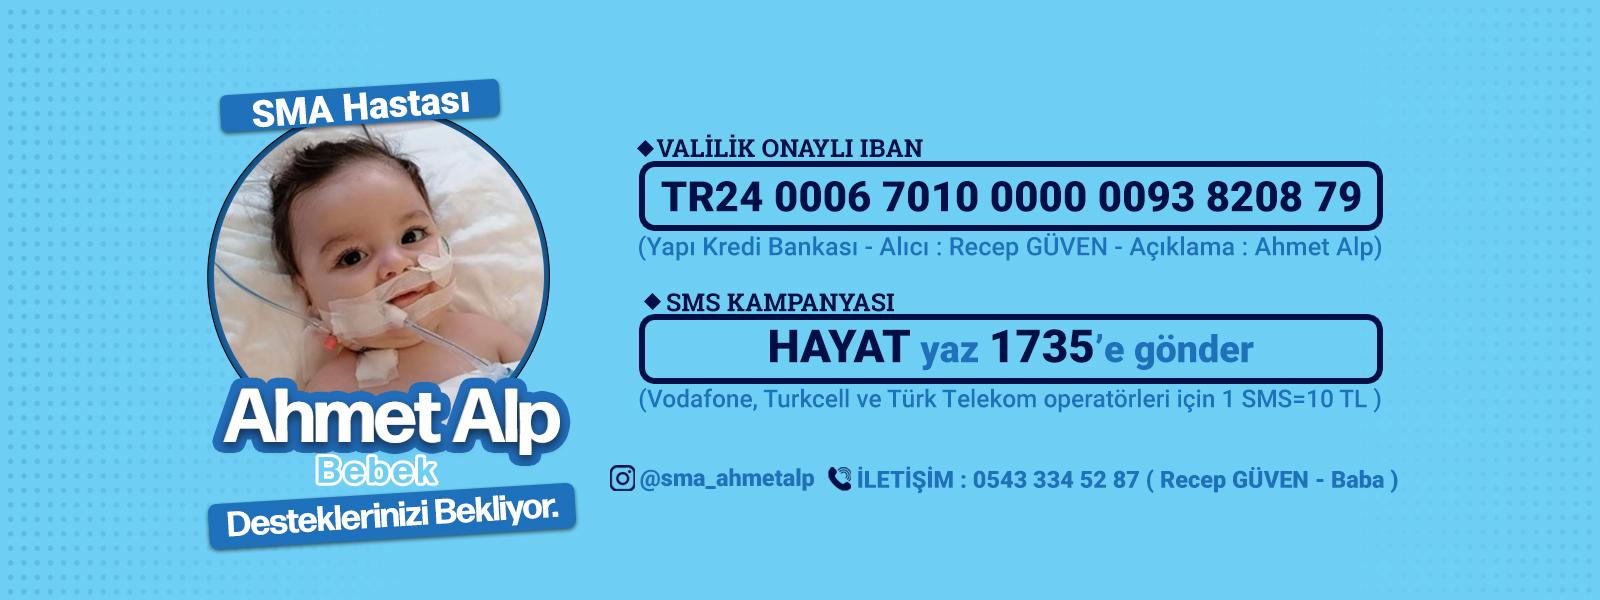 SMA Hastası Ahmet Alp Bebeğe Yardım Kampanyası